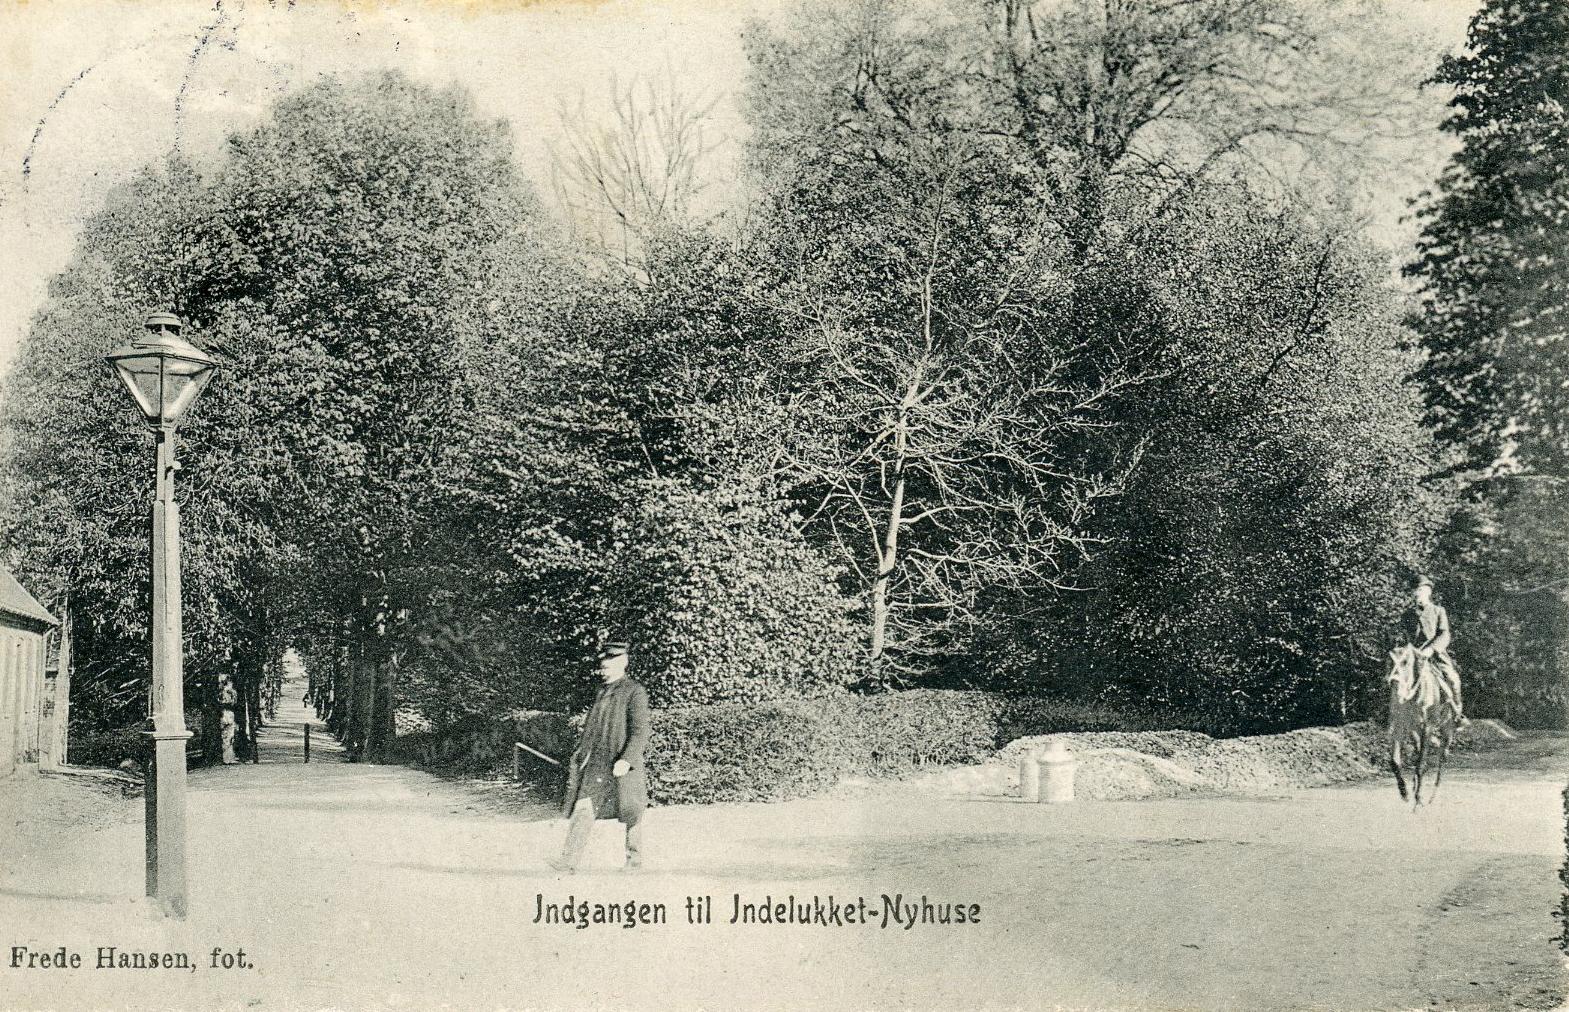 """Kalvehavevej se nedgennem Kastaniealleen. Indgangen til """"Indelukket"""", Nyhuse. 1910"""